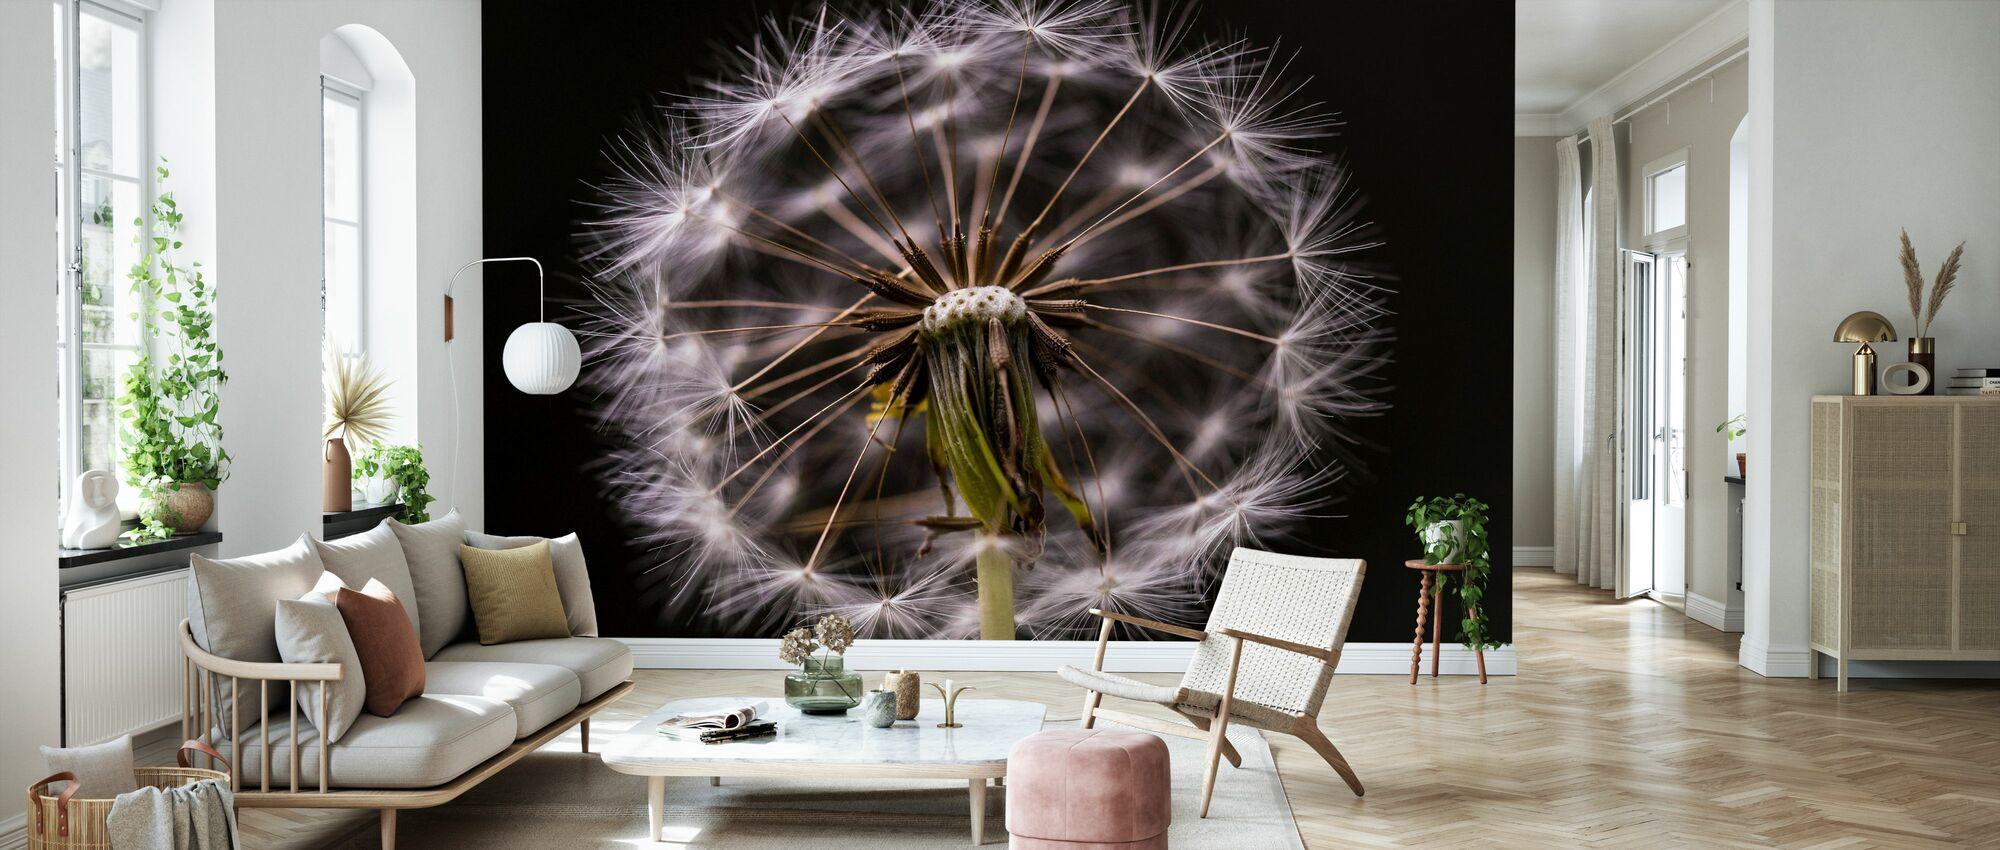 Freaky flower - Wallpaper - Living Room